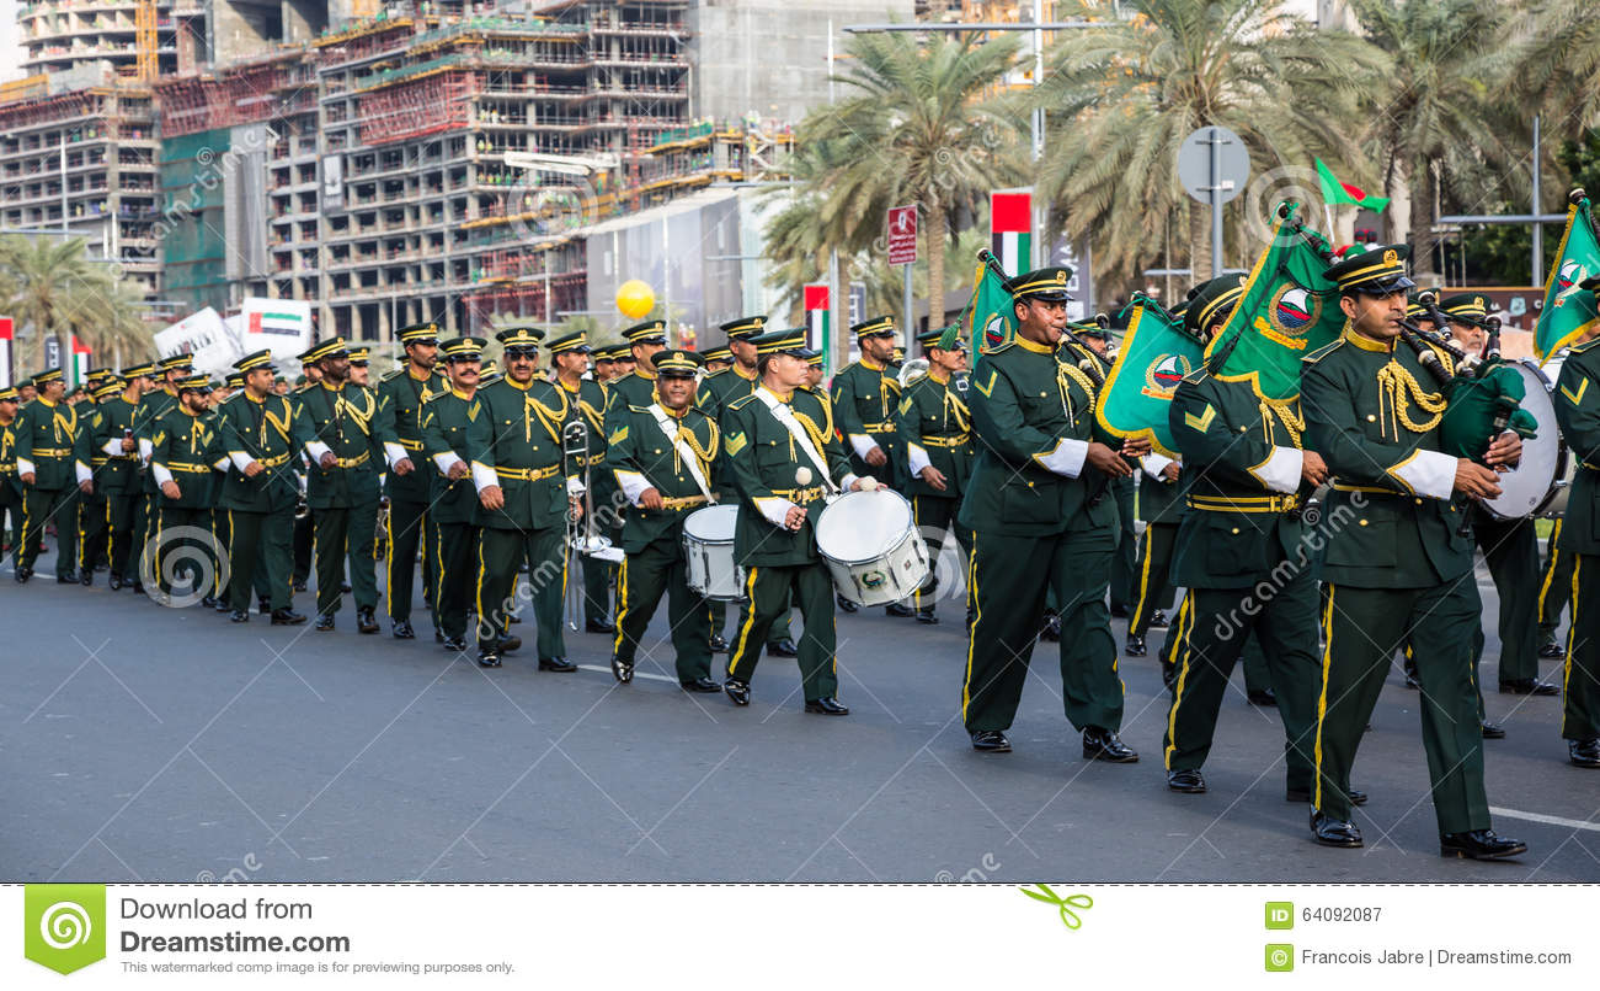 UAE National Day parade